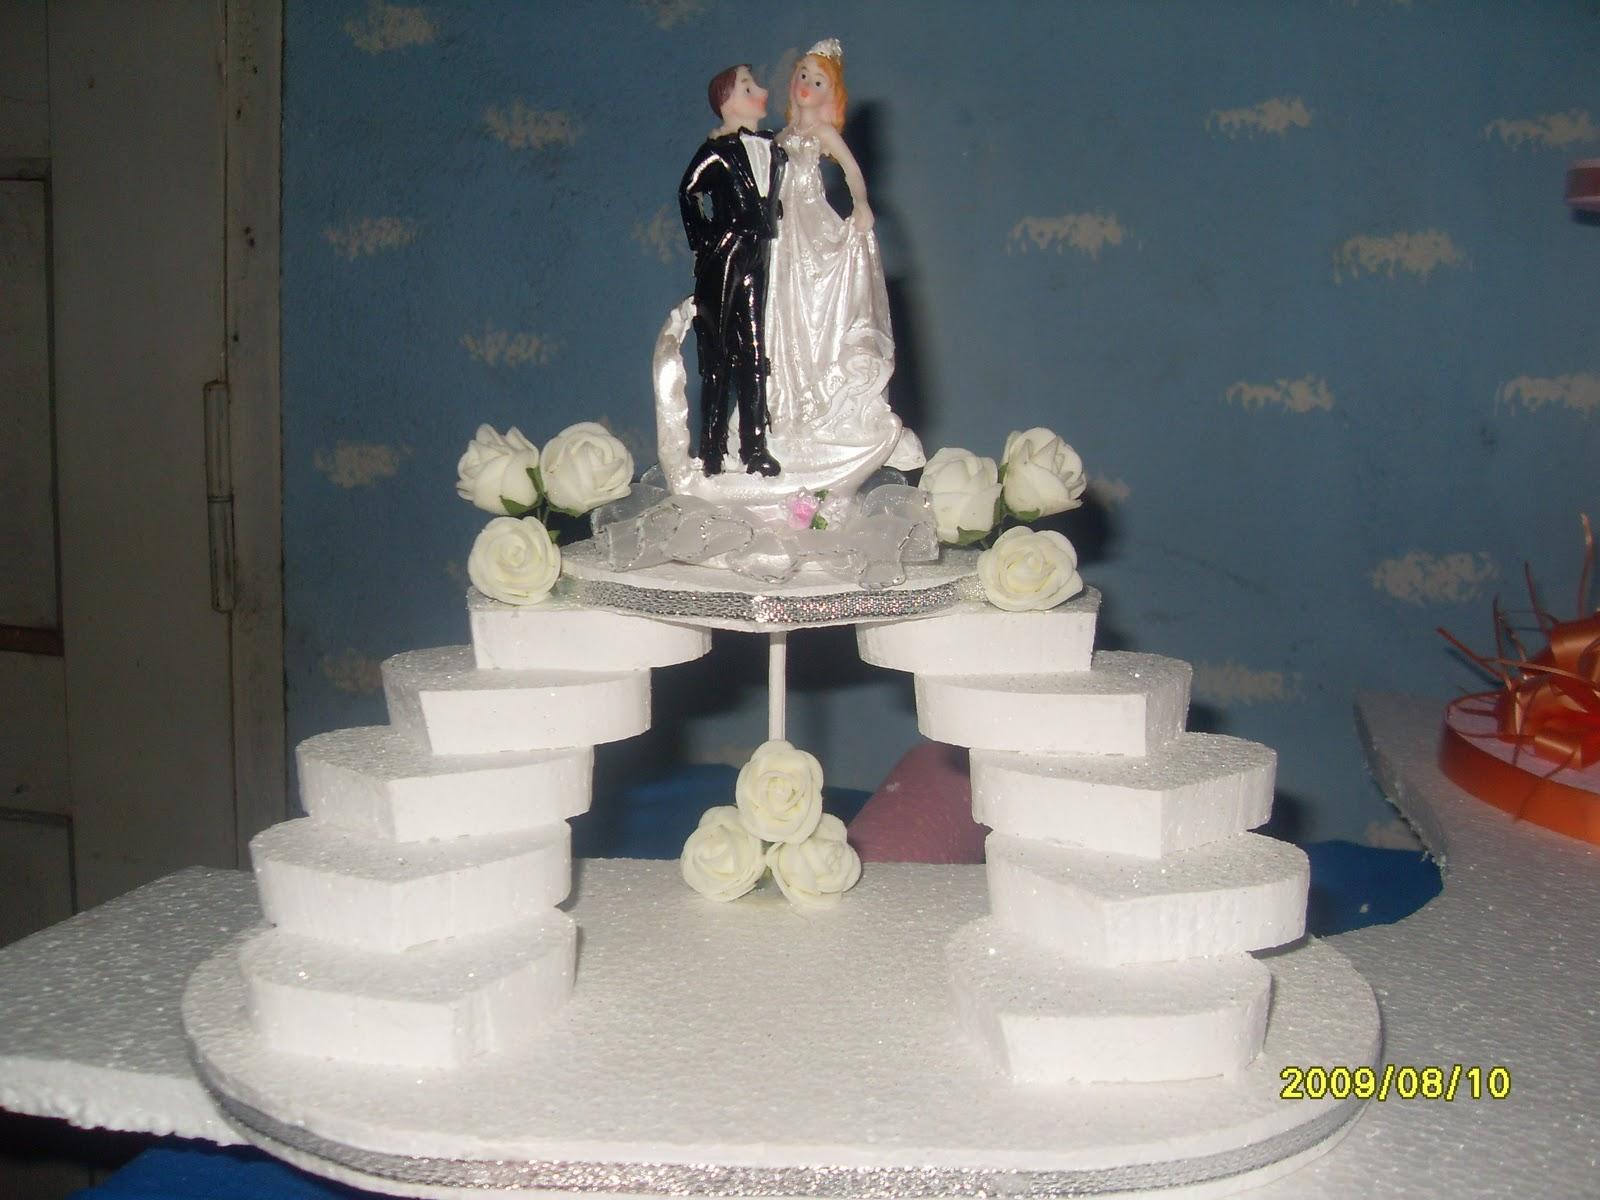 Centros de mesa para bodas precios lindo y elegante - Precios de centros de mesa para boda ...